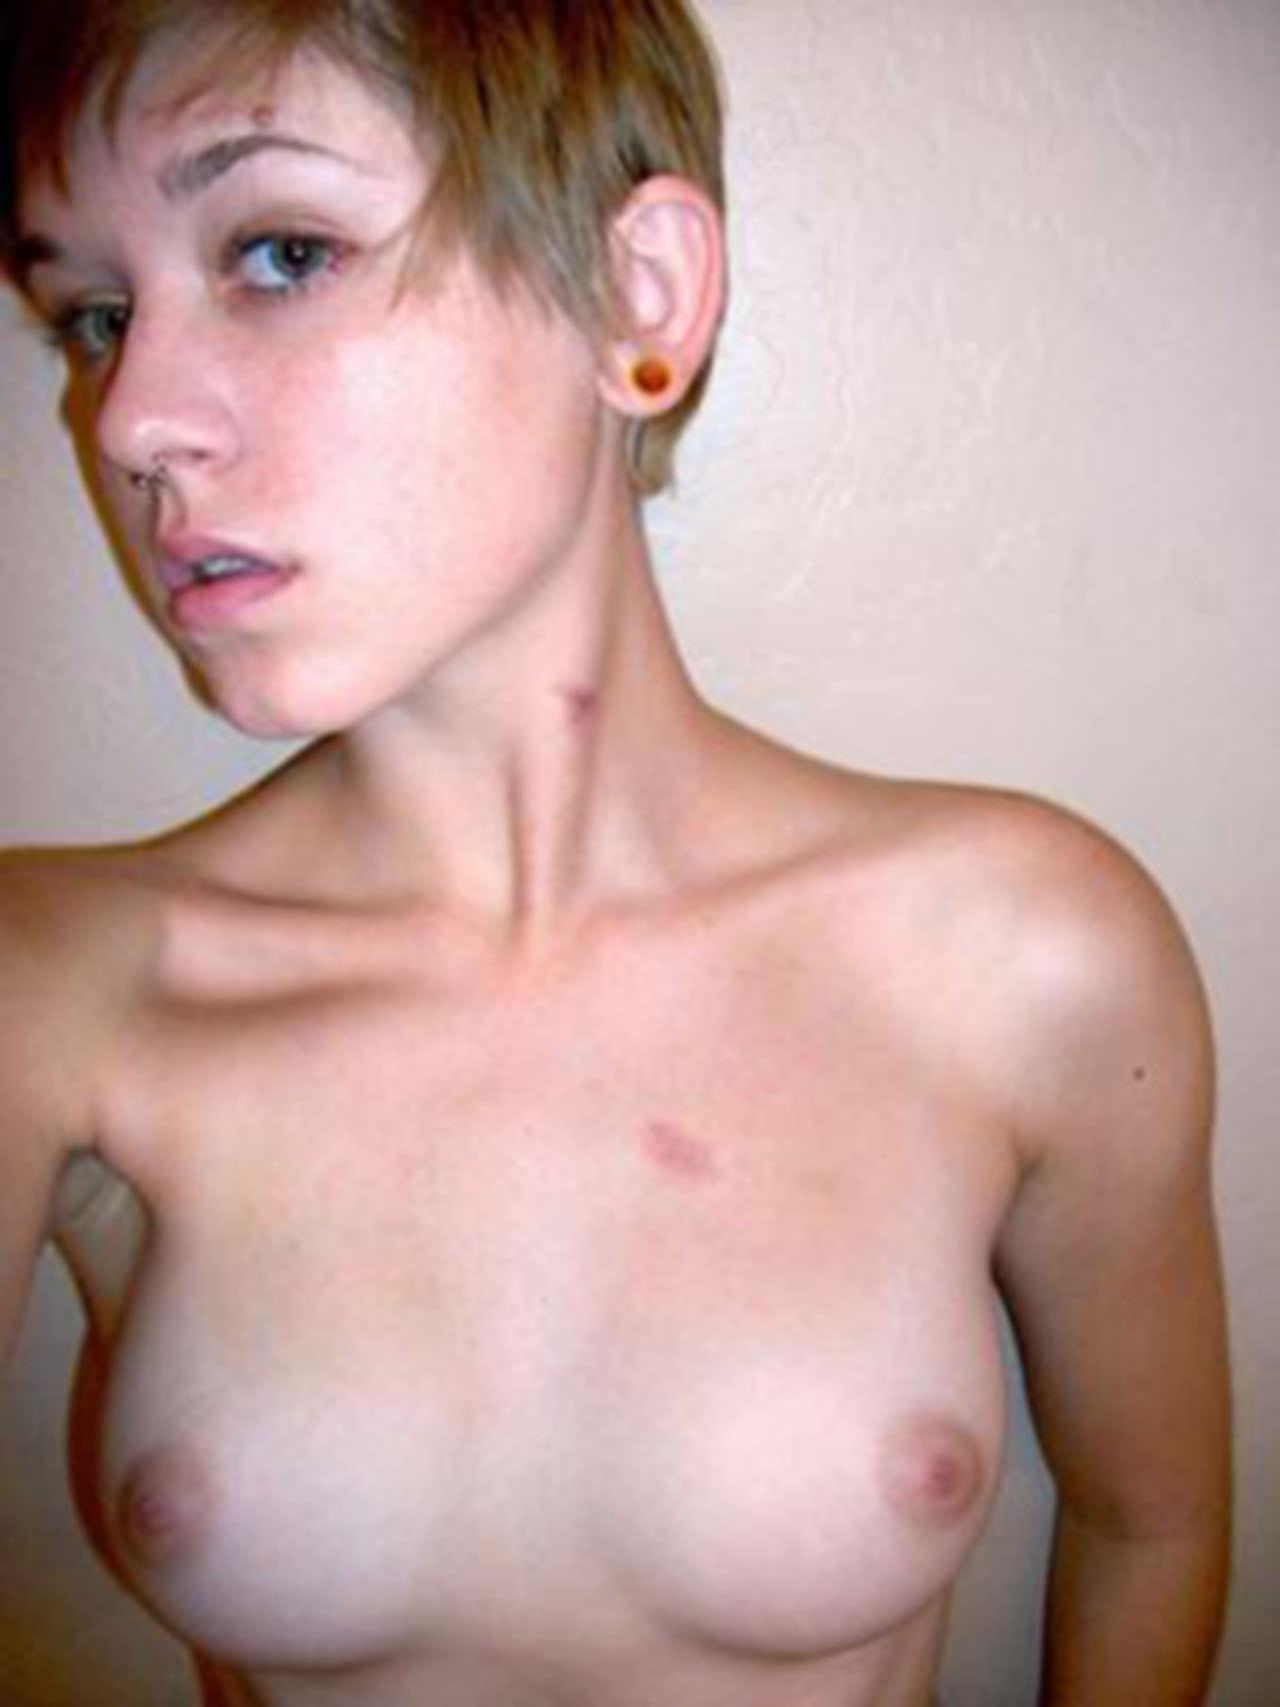 【外人】メンヘラ度全開のロシアンパイパン美少女の自画撮りライブチャットポルノ画像 2949